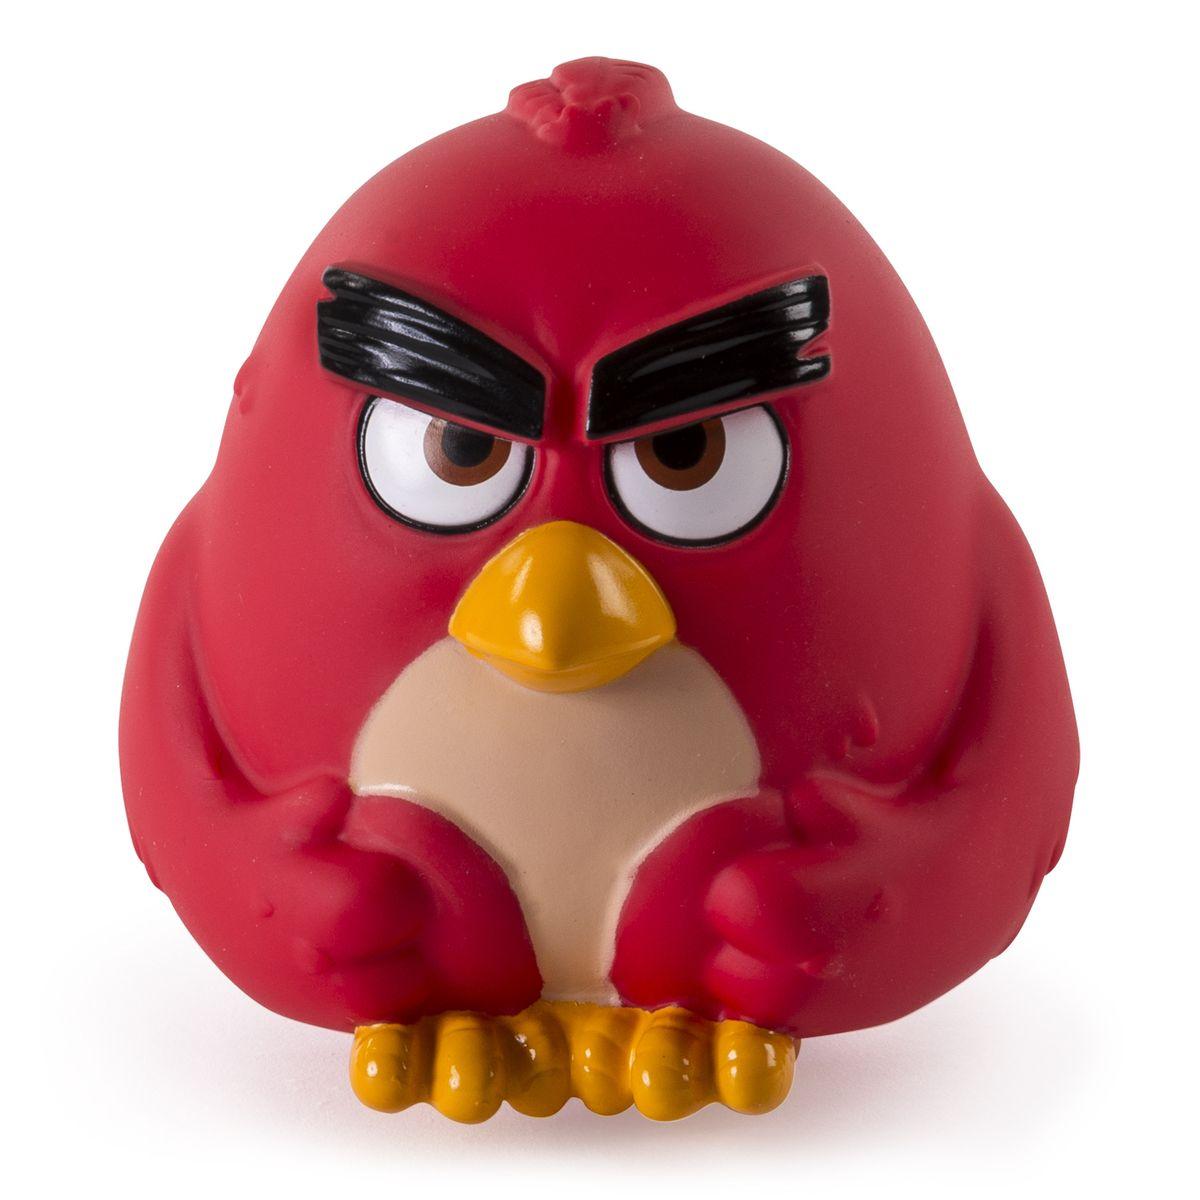 Angry Birds Фигурка Птичка-шарик Red90503Фигурка Angry Birds Птичка-шарик Red создана по мотивам популярнейшей во всем мире компьютерной игры Angry Birds! Эта игра настолько полюбилась и детям, и взрослым, что по ее сюжету стали рисовать мультфильмы. И вот, наконец, созданы игрушки в виде этих смешных персонажей, которыми можно кидаться, запускать из рогаток и играть как с обычными мячиками! Игрушка представляет собой шарообразный мячик размером около 10 см, изготовленный из винила, в виде красной птички. Мячик очень упругий, но достаточно мягкий - легко сжимается в руке, прыгает, отскакивает от поверхностей. Пригласите друзей и устройте собственную битву птичек и поросят!